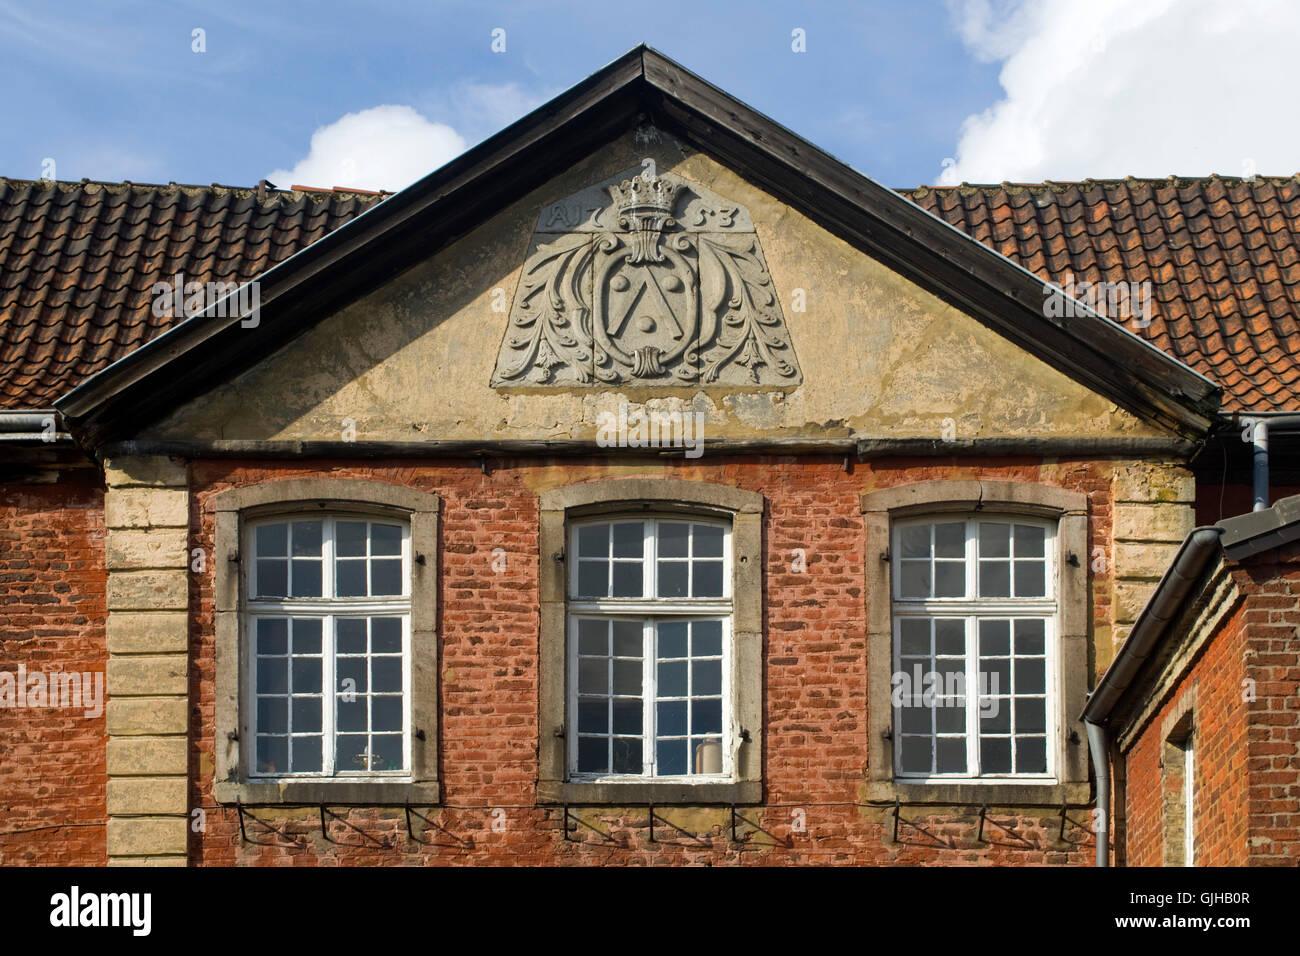 BRD, Deutschland, NRW, Bergheim, Niederaußem, Gut Asperschlag mit Wappen von Cloet aus dem Jahre 1753 im Giebel. - Stock Image